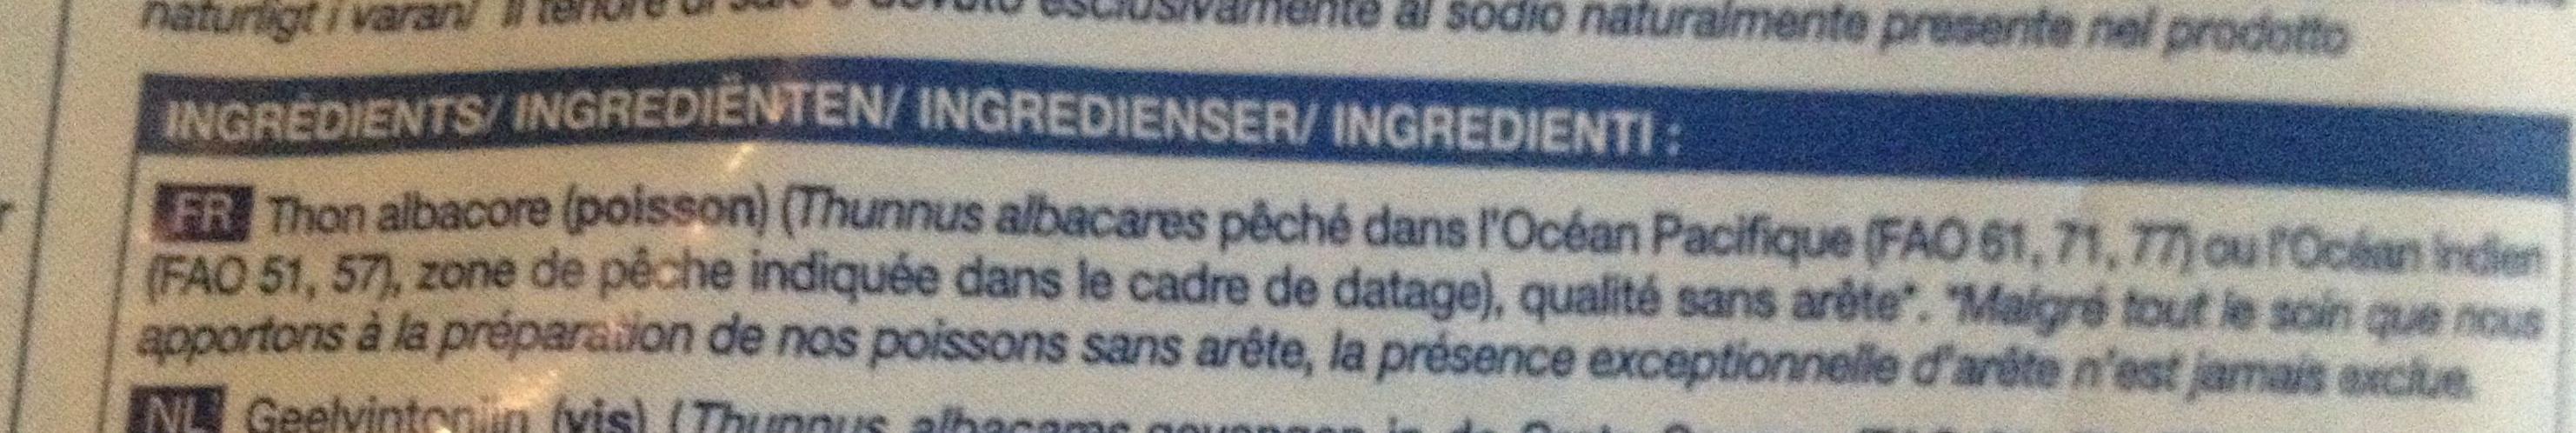 4 tranches de thon albacore - Ingrediënten - fr